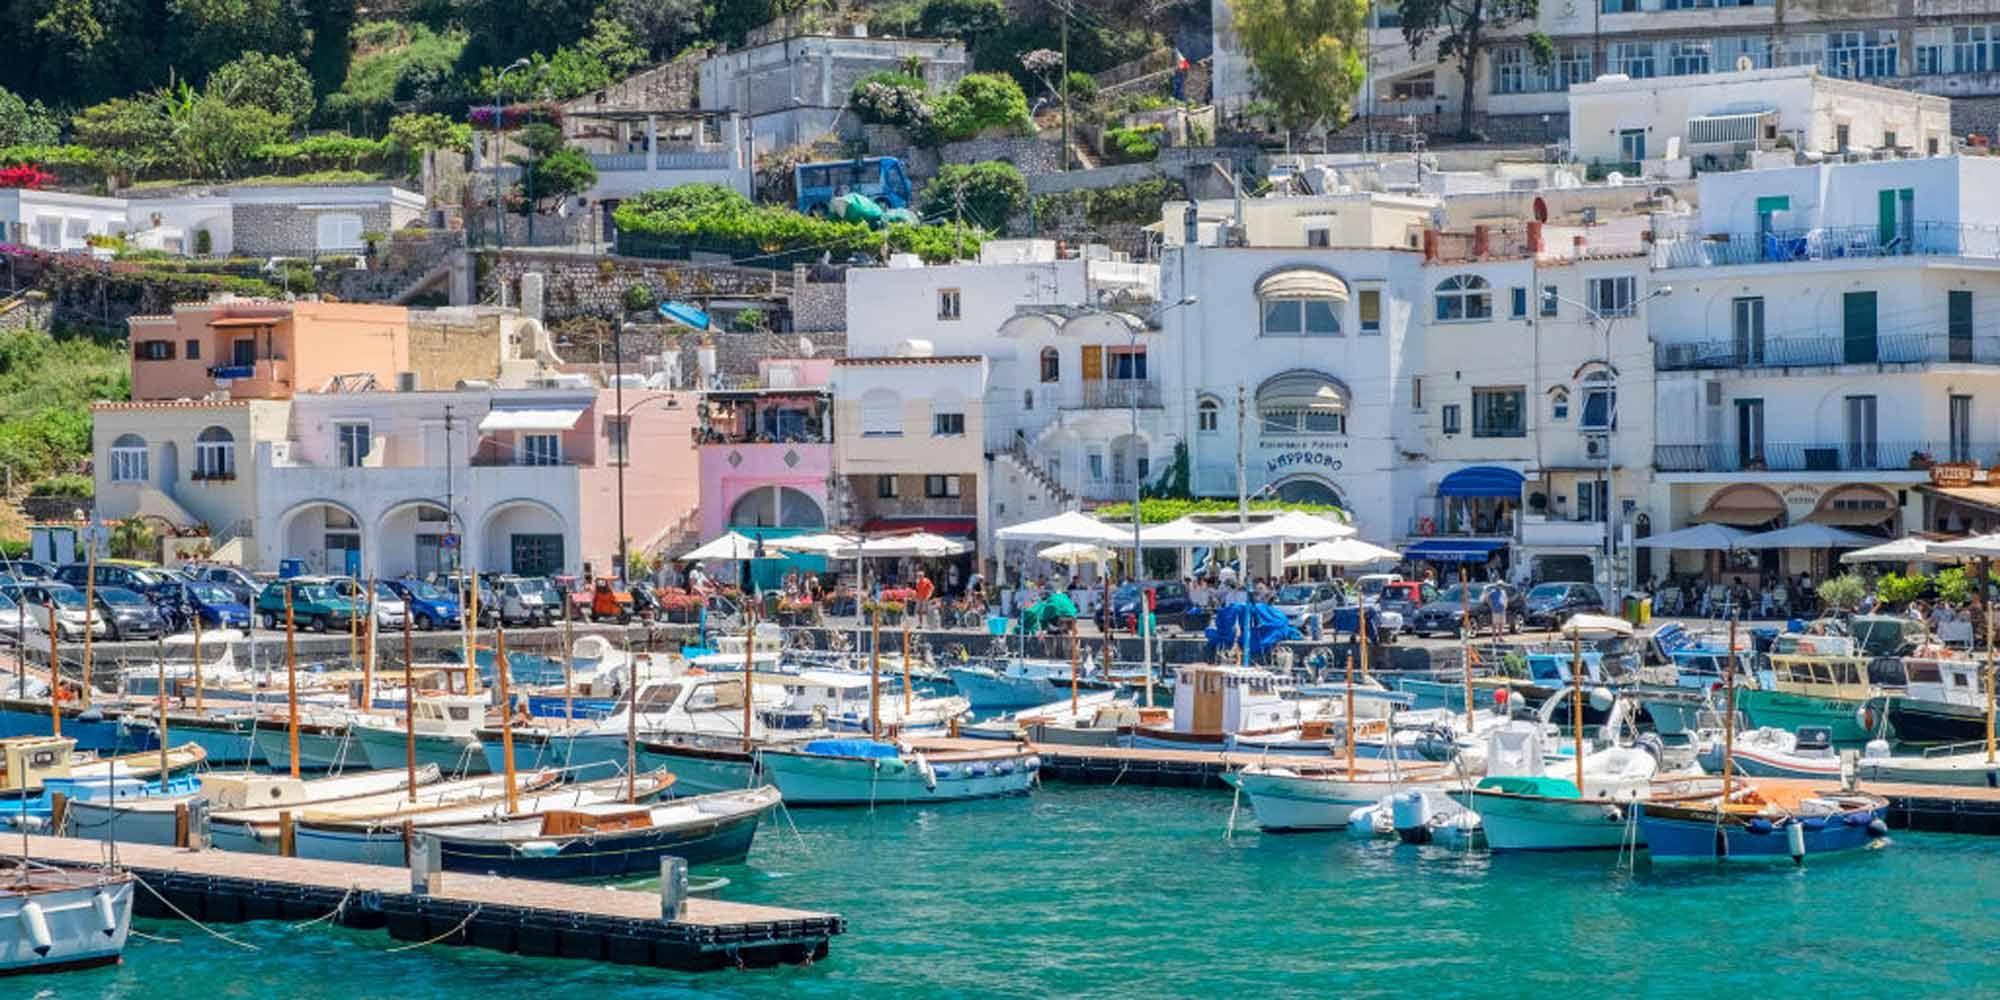 romantische bestemmingen, huwelijksreis, Europa, Capri